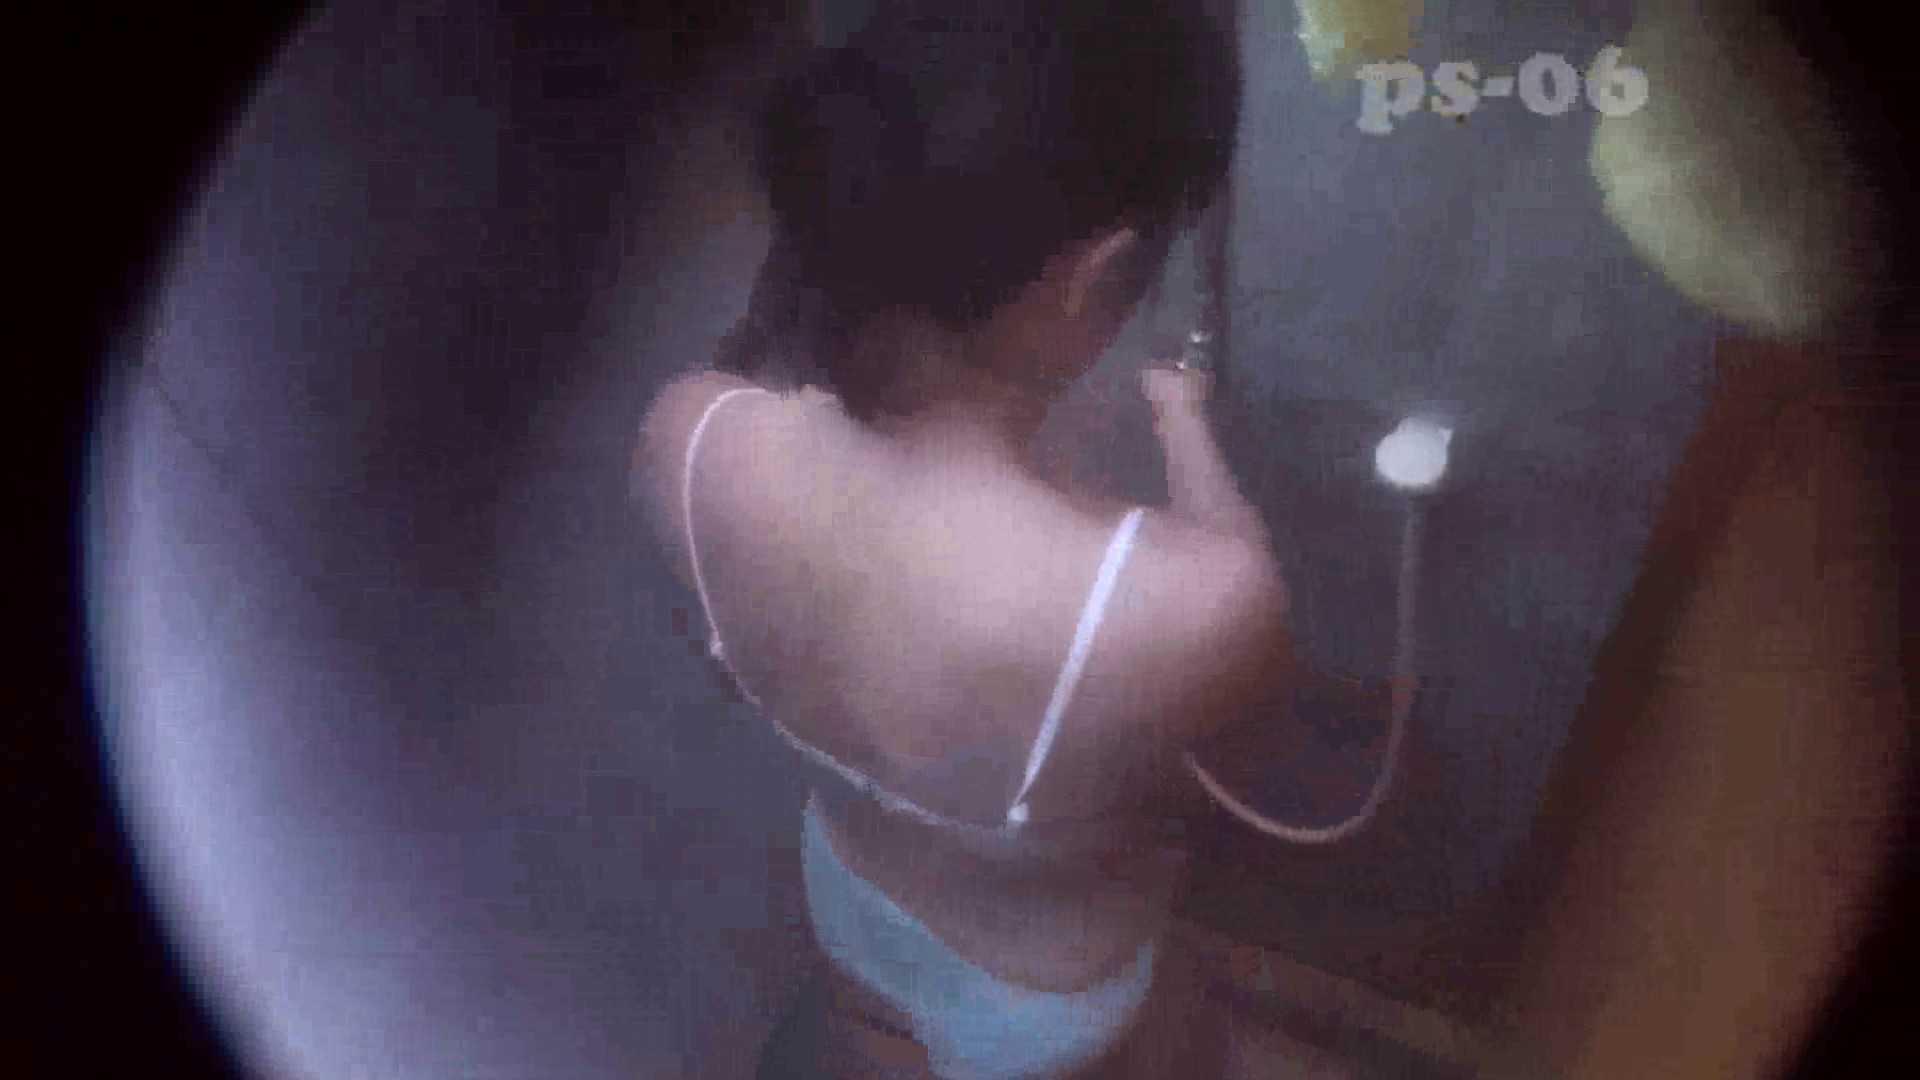 シャワールームは危険な香りVol.6(ハイビジョンサンプル版) 盛合せ  111PIX 74